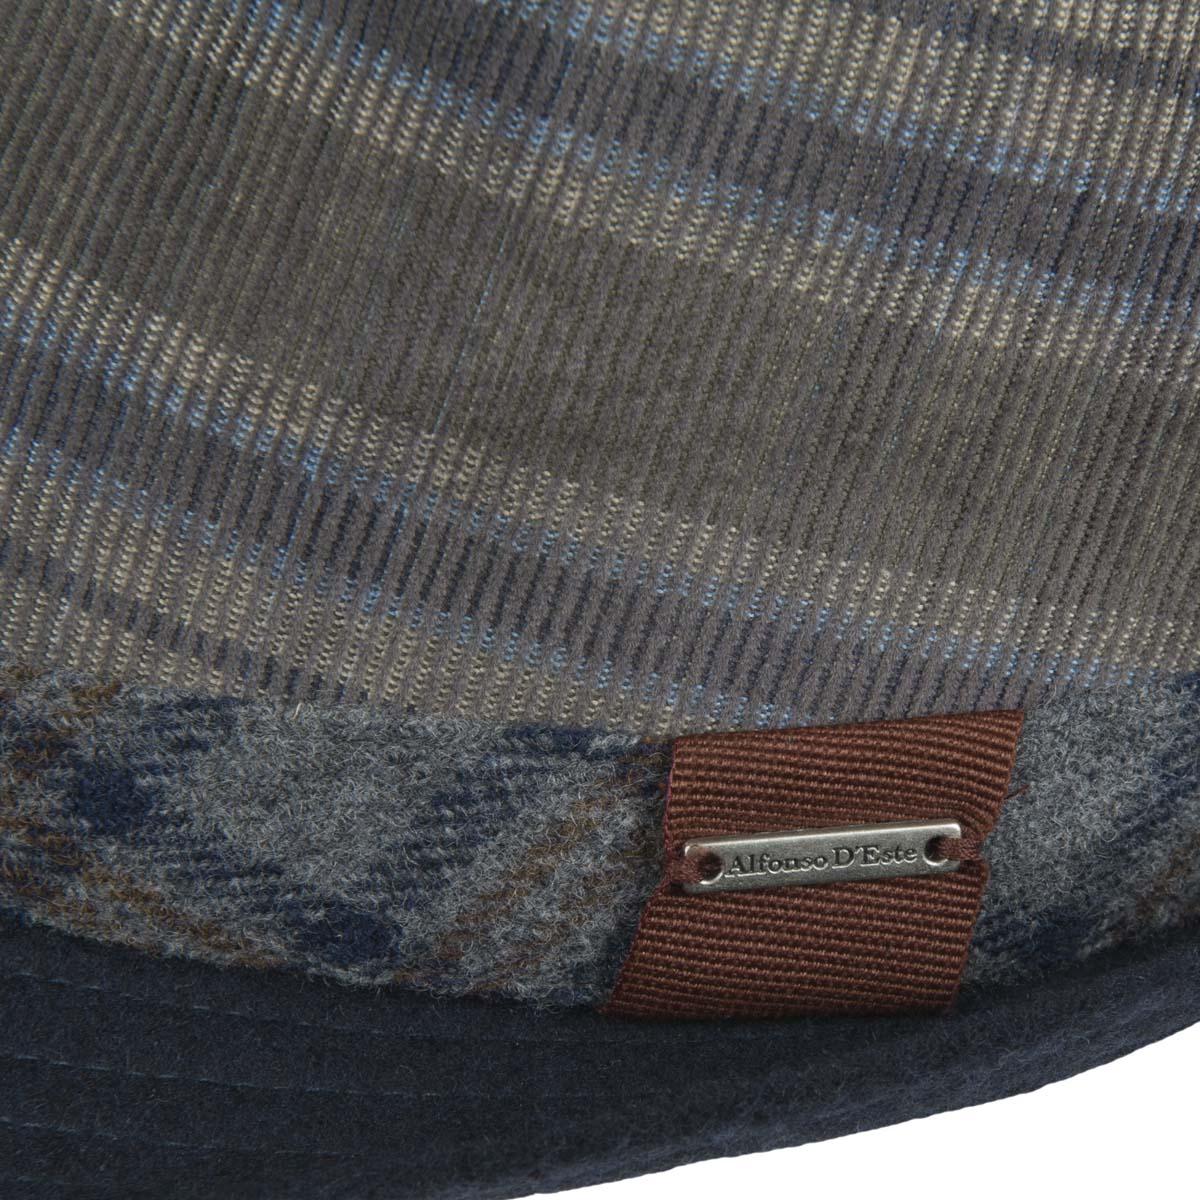 Cappello modello Trilby firmato Alfonso D Este con fodera 322c96a2fa9e